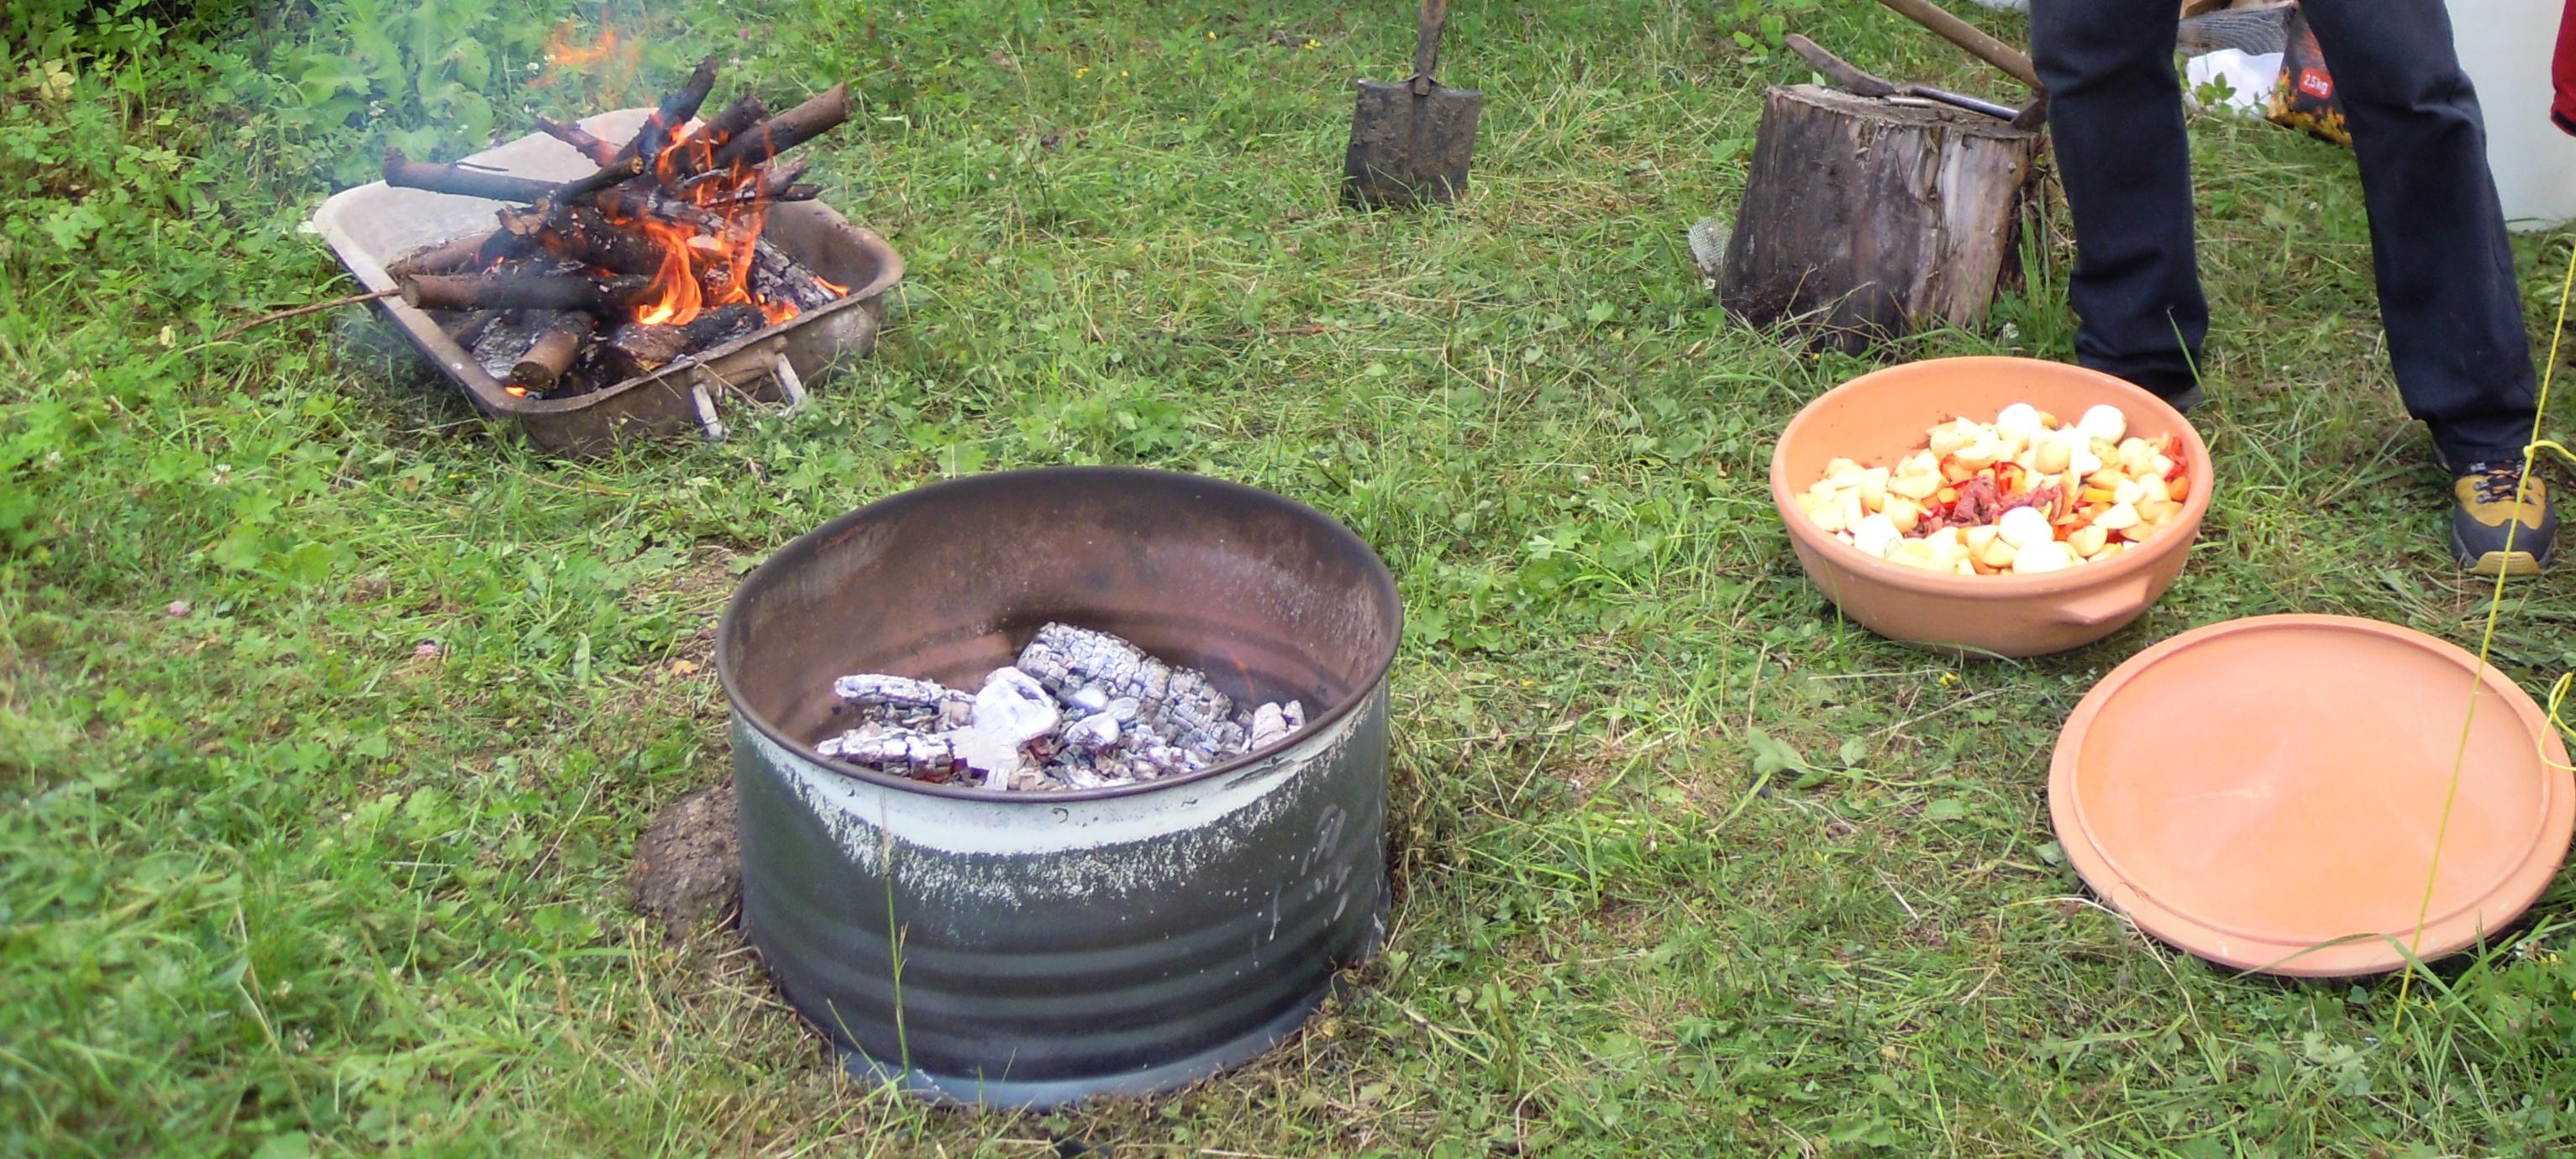 Příprava skruže se žhavým uhlím. do které se vloží hliněný hrnec a zasype se další vrstvou žhavého uhlí